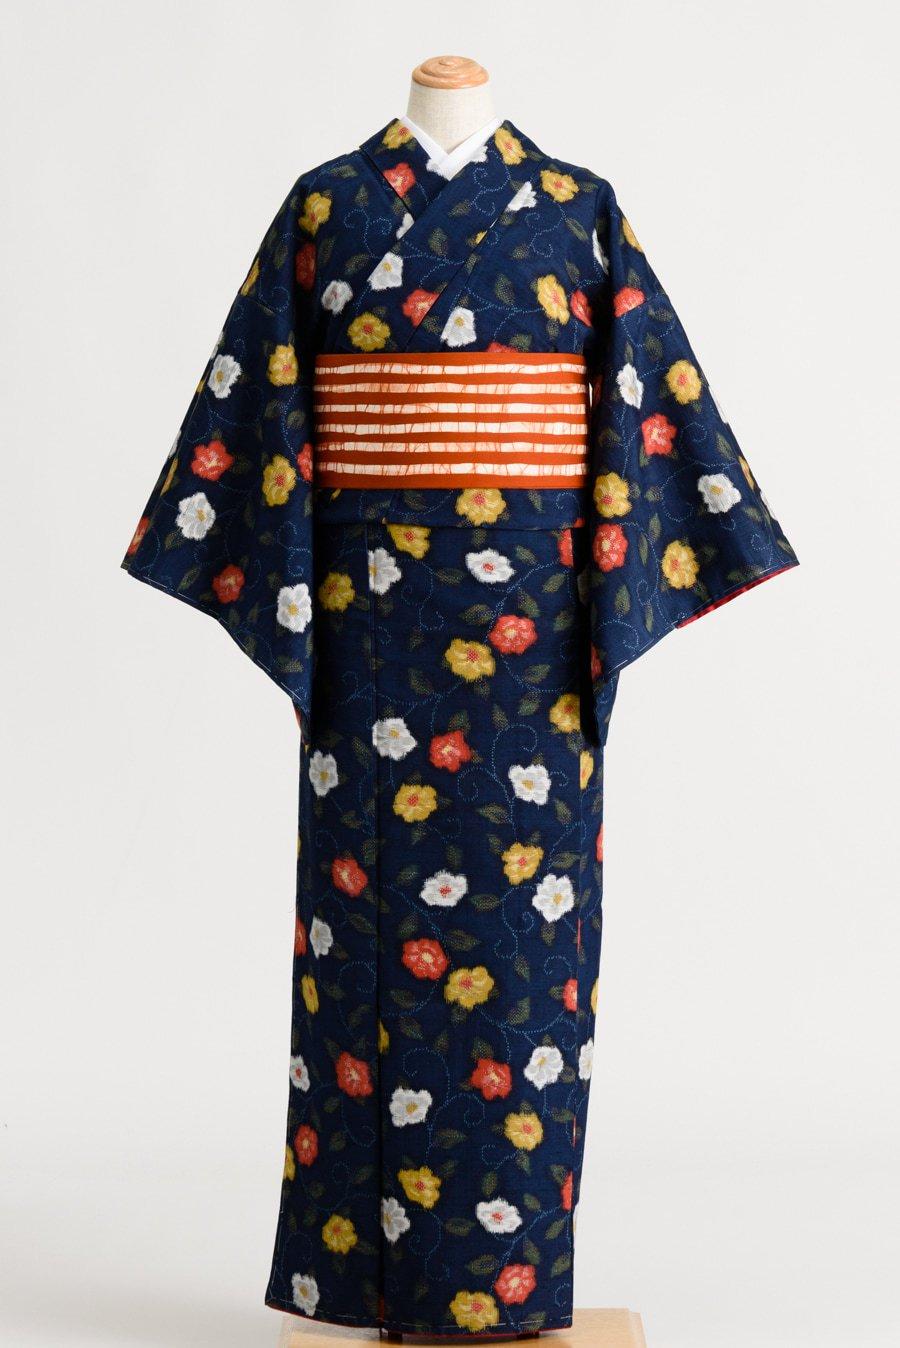 「紬 紺地に三色花」の商品画像